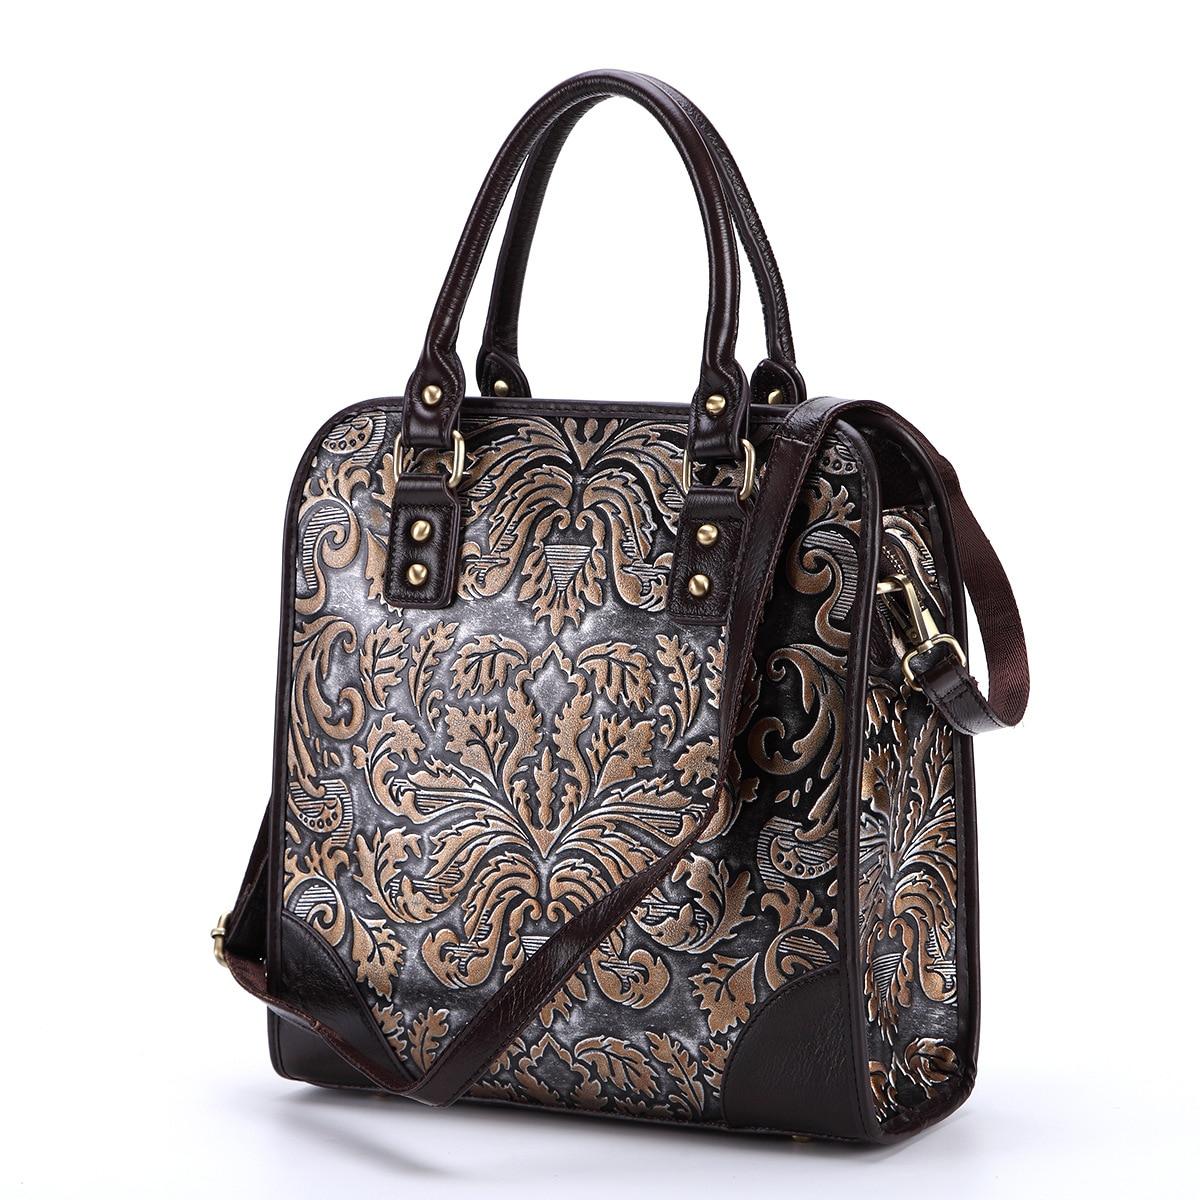 New vintage leather handbags shoulder bag rub color embossed craft handbags portable casual briefcase